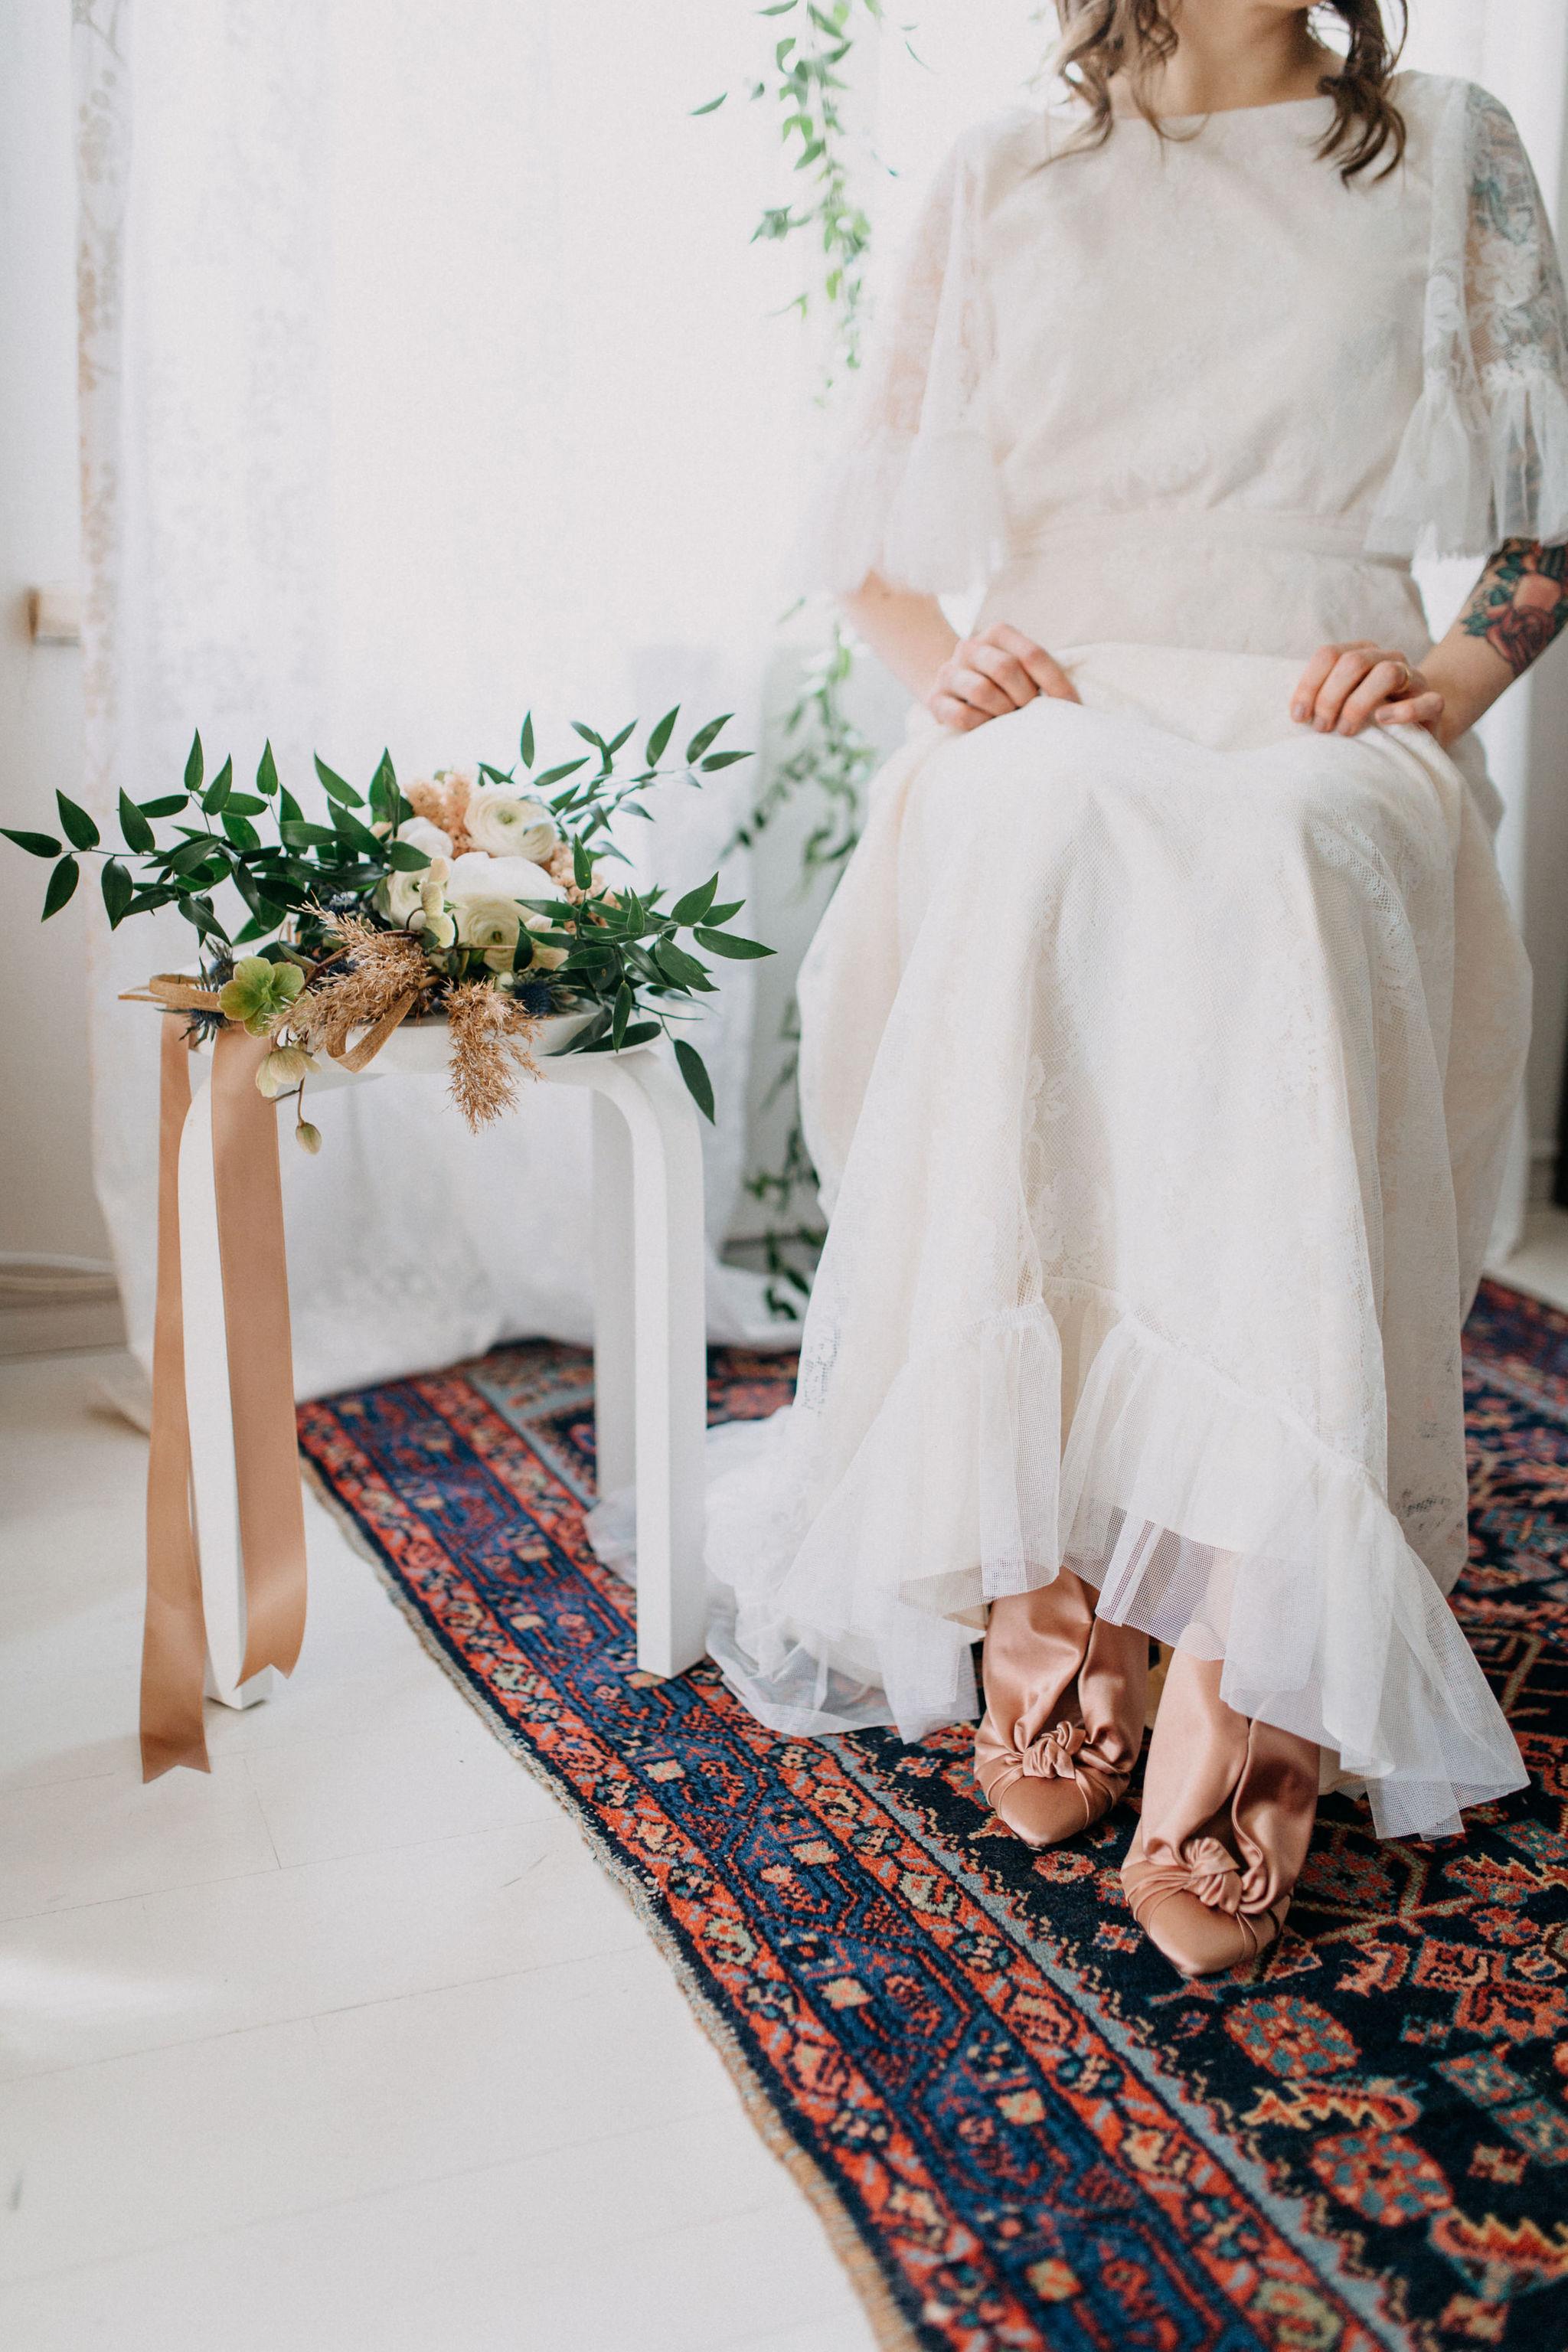 StyledShoot-2019-SusannaLönnrot-37.jpg